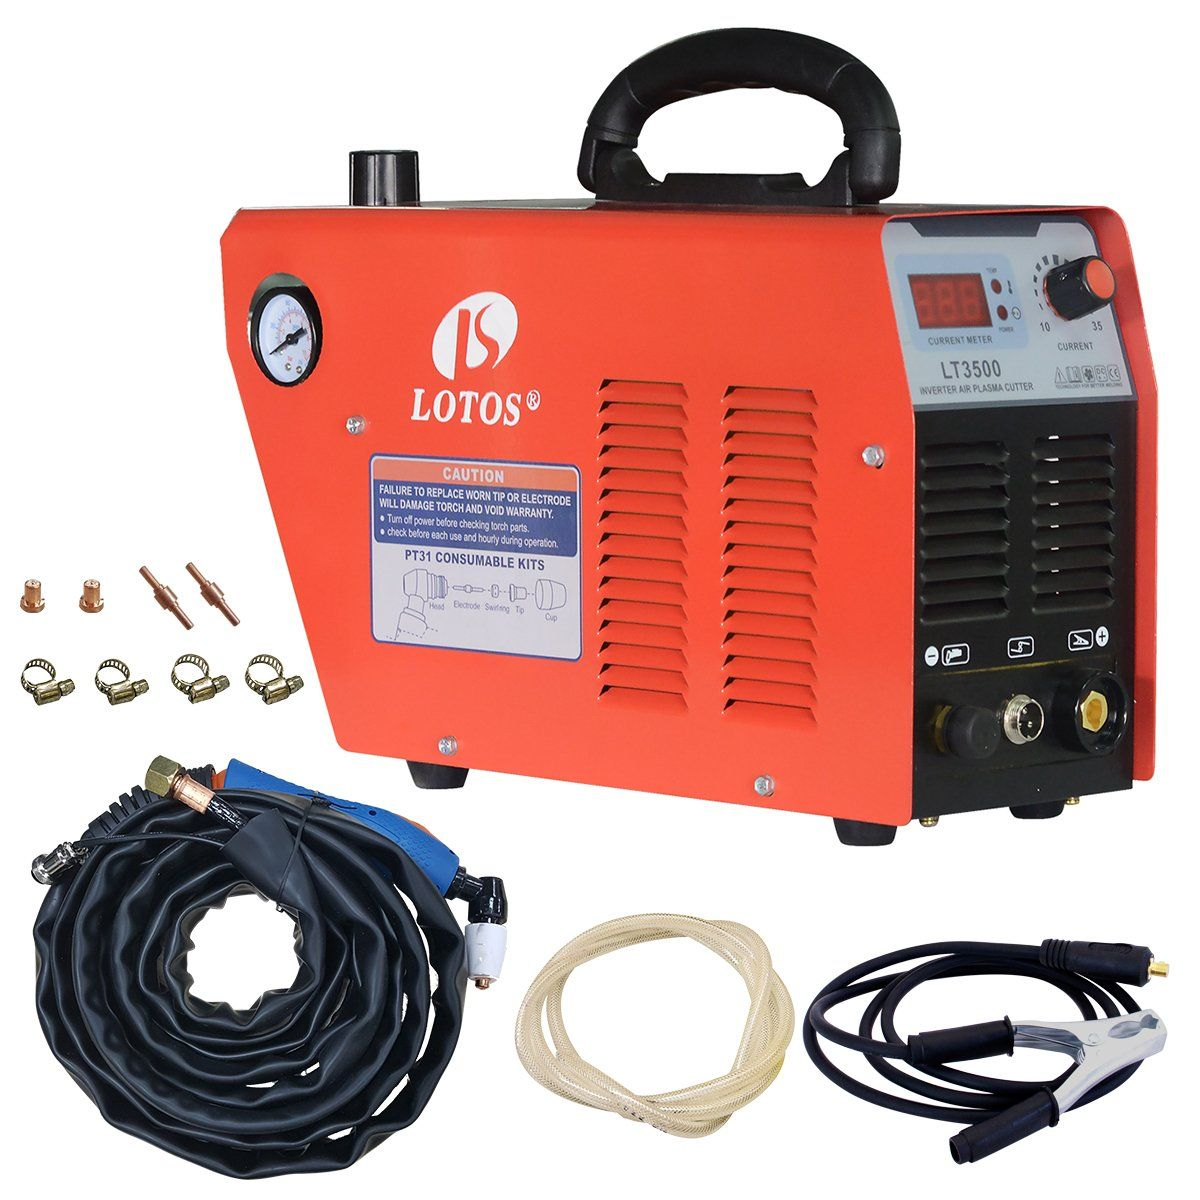 110v Plug Wiring Lotos Cutter Find Diagram Usac Lt3500 35amp Air Plasma 2 5 Inch Clean Cut 120v Rh Pinterest Com Electrical